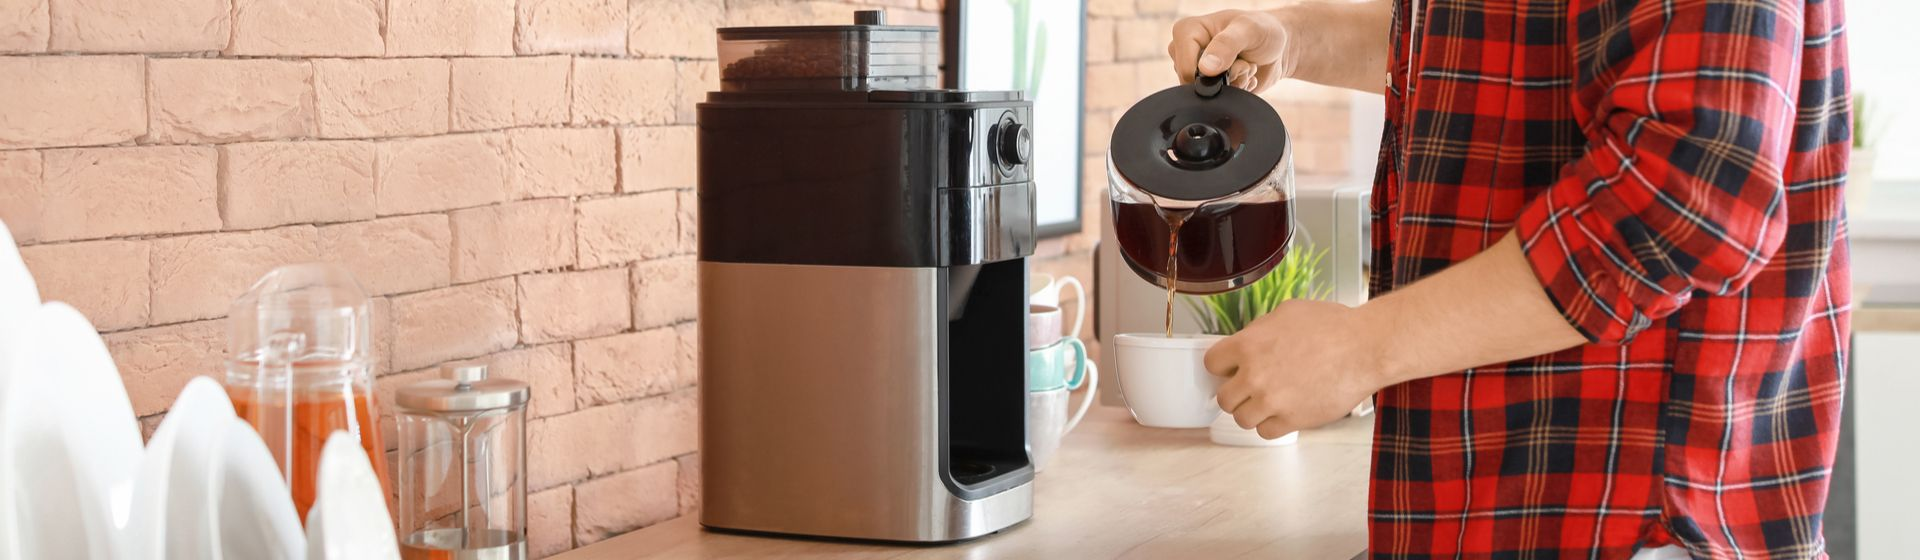 Como fazer café na cafeteira elétrica? Passo a passo + 5 dicas